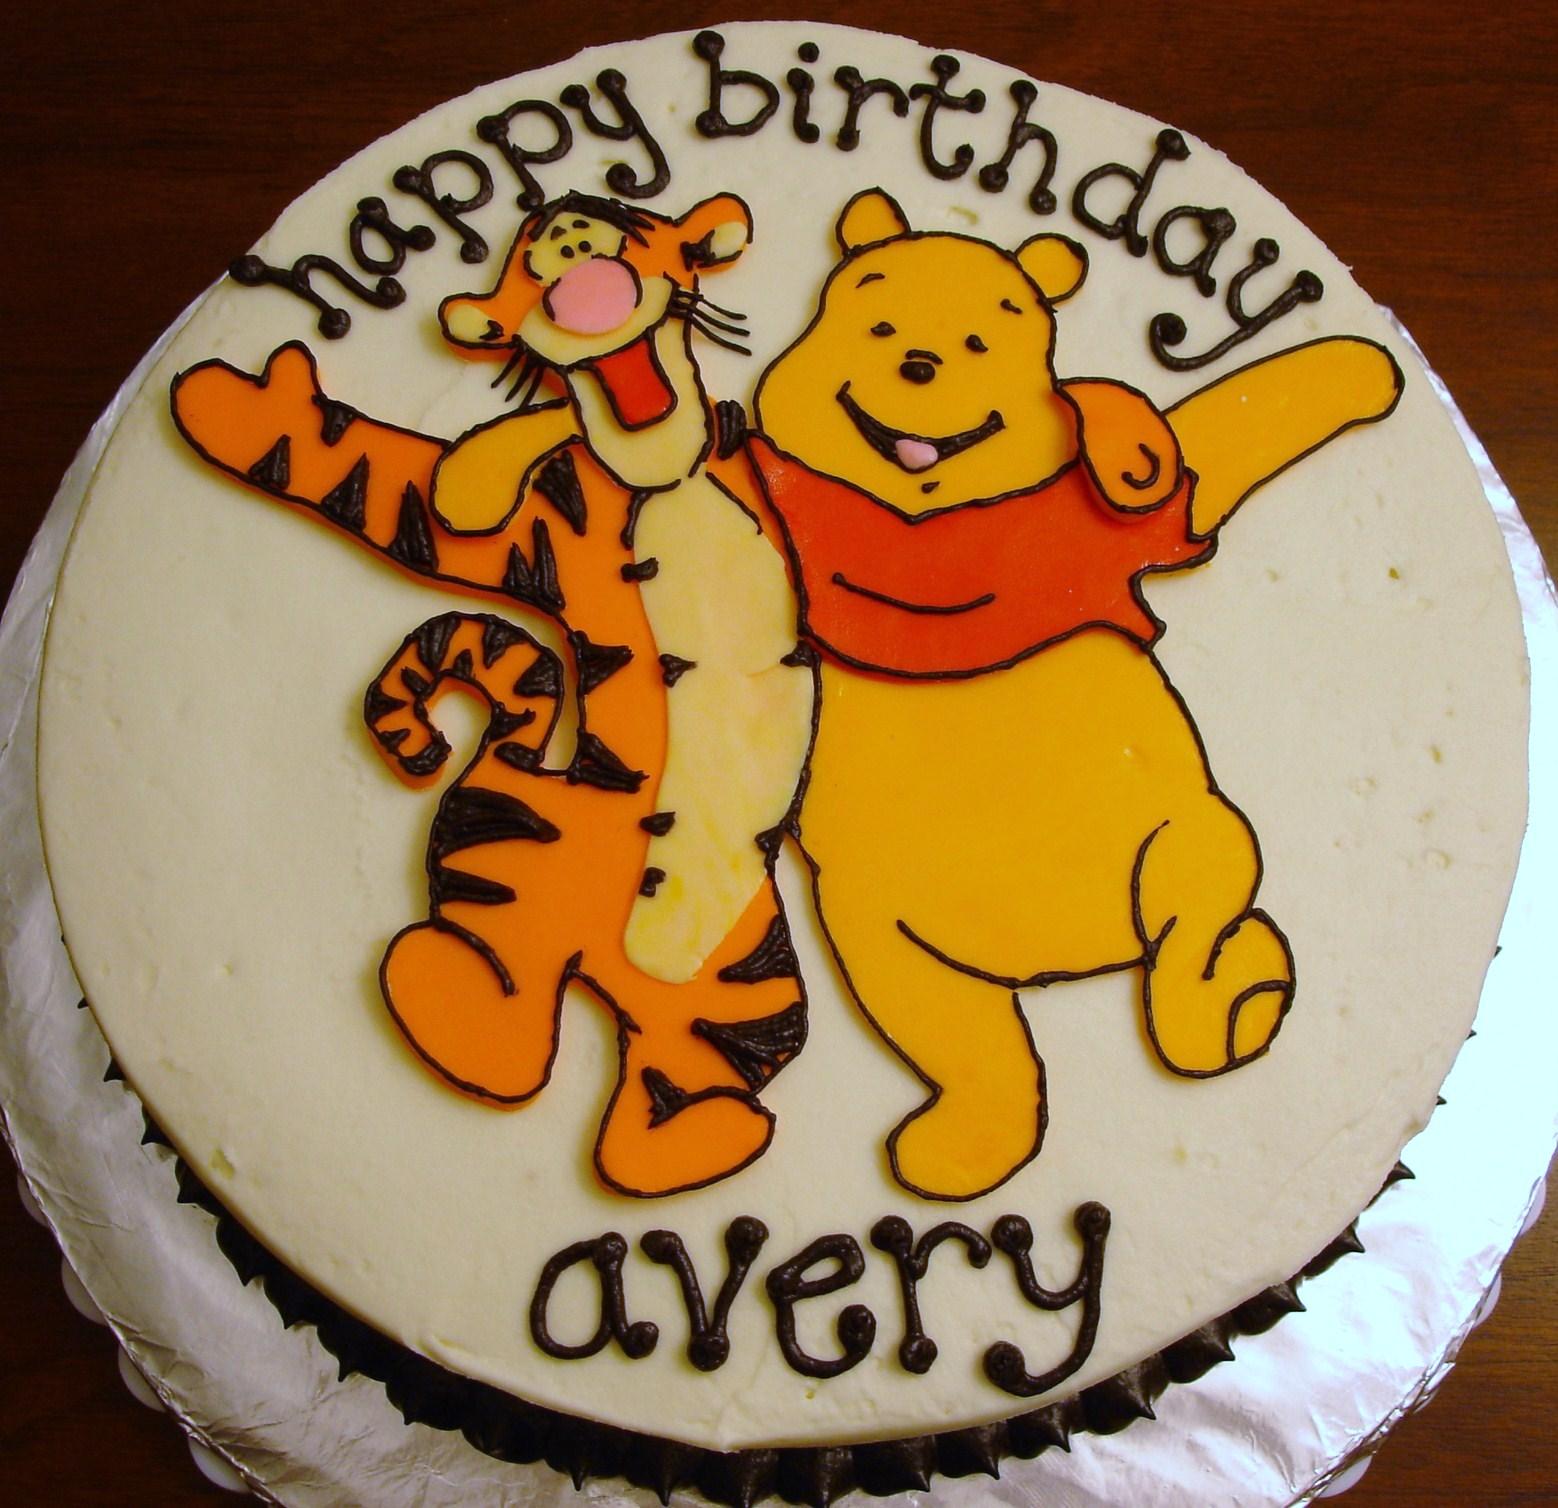 Happy Birthday Missy Cake